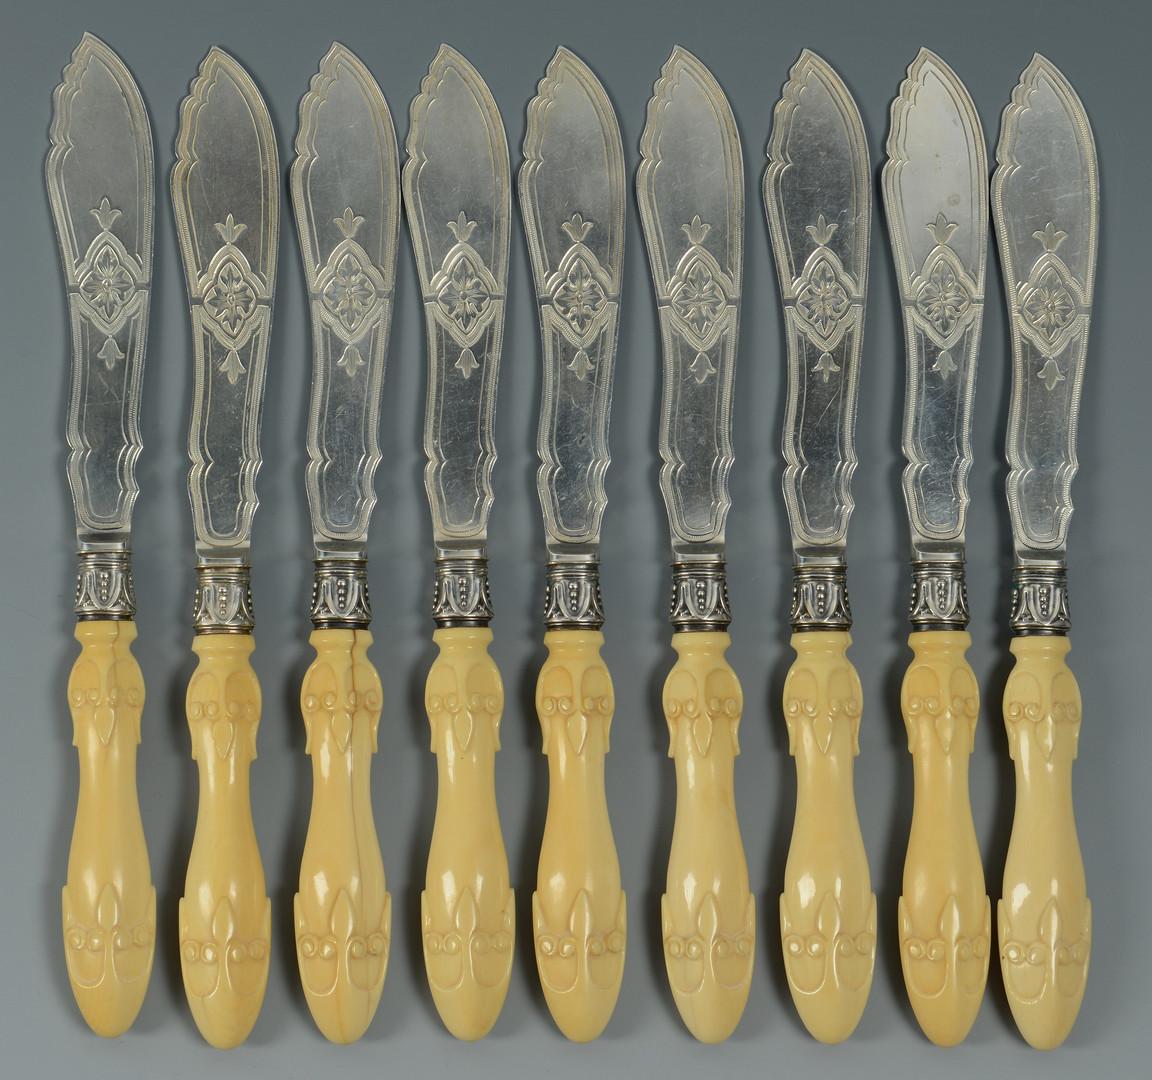 Lot 843: 9 English fish knives